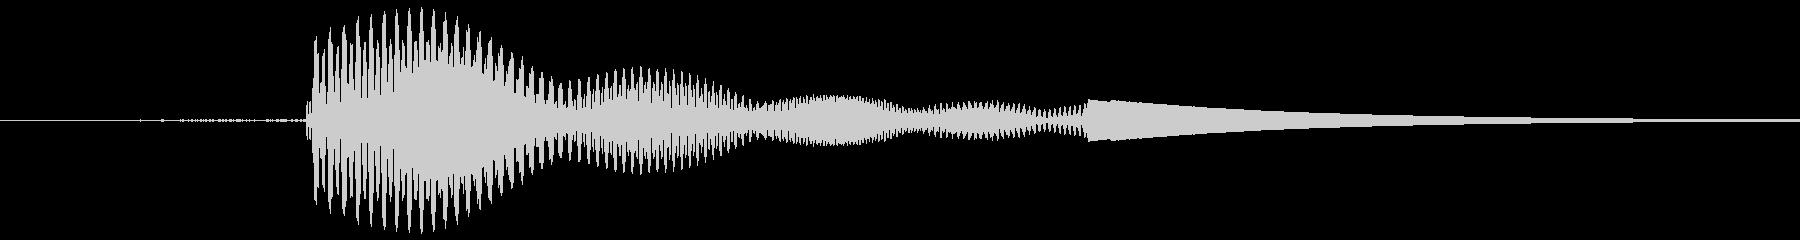 カーソルボタン音(決定音)「プイッ」の未再生の波形